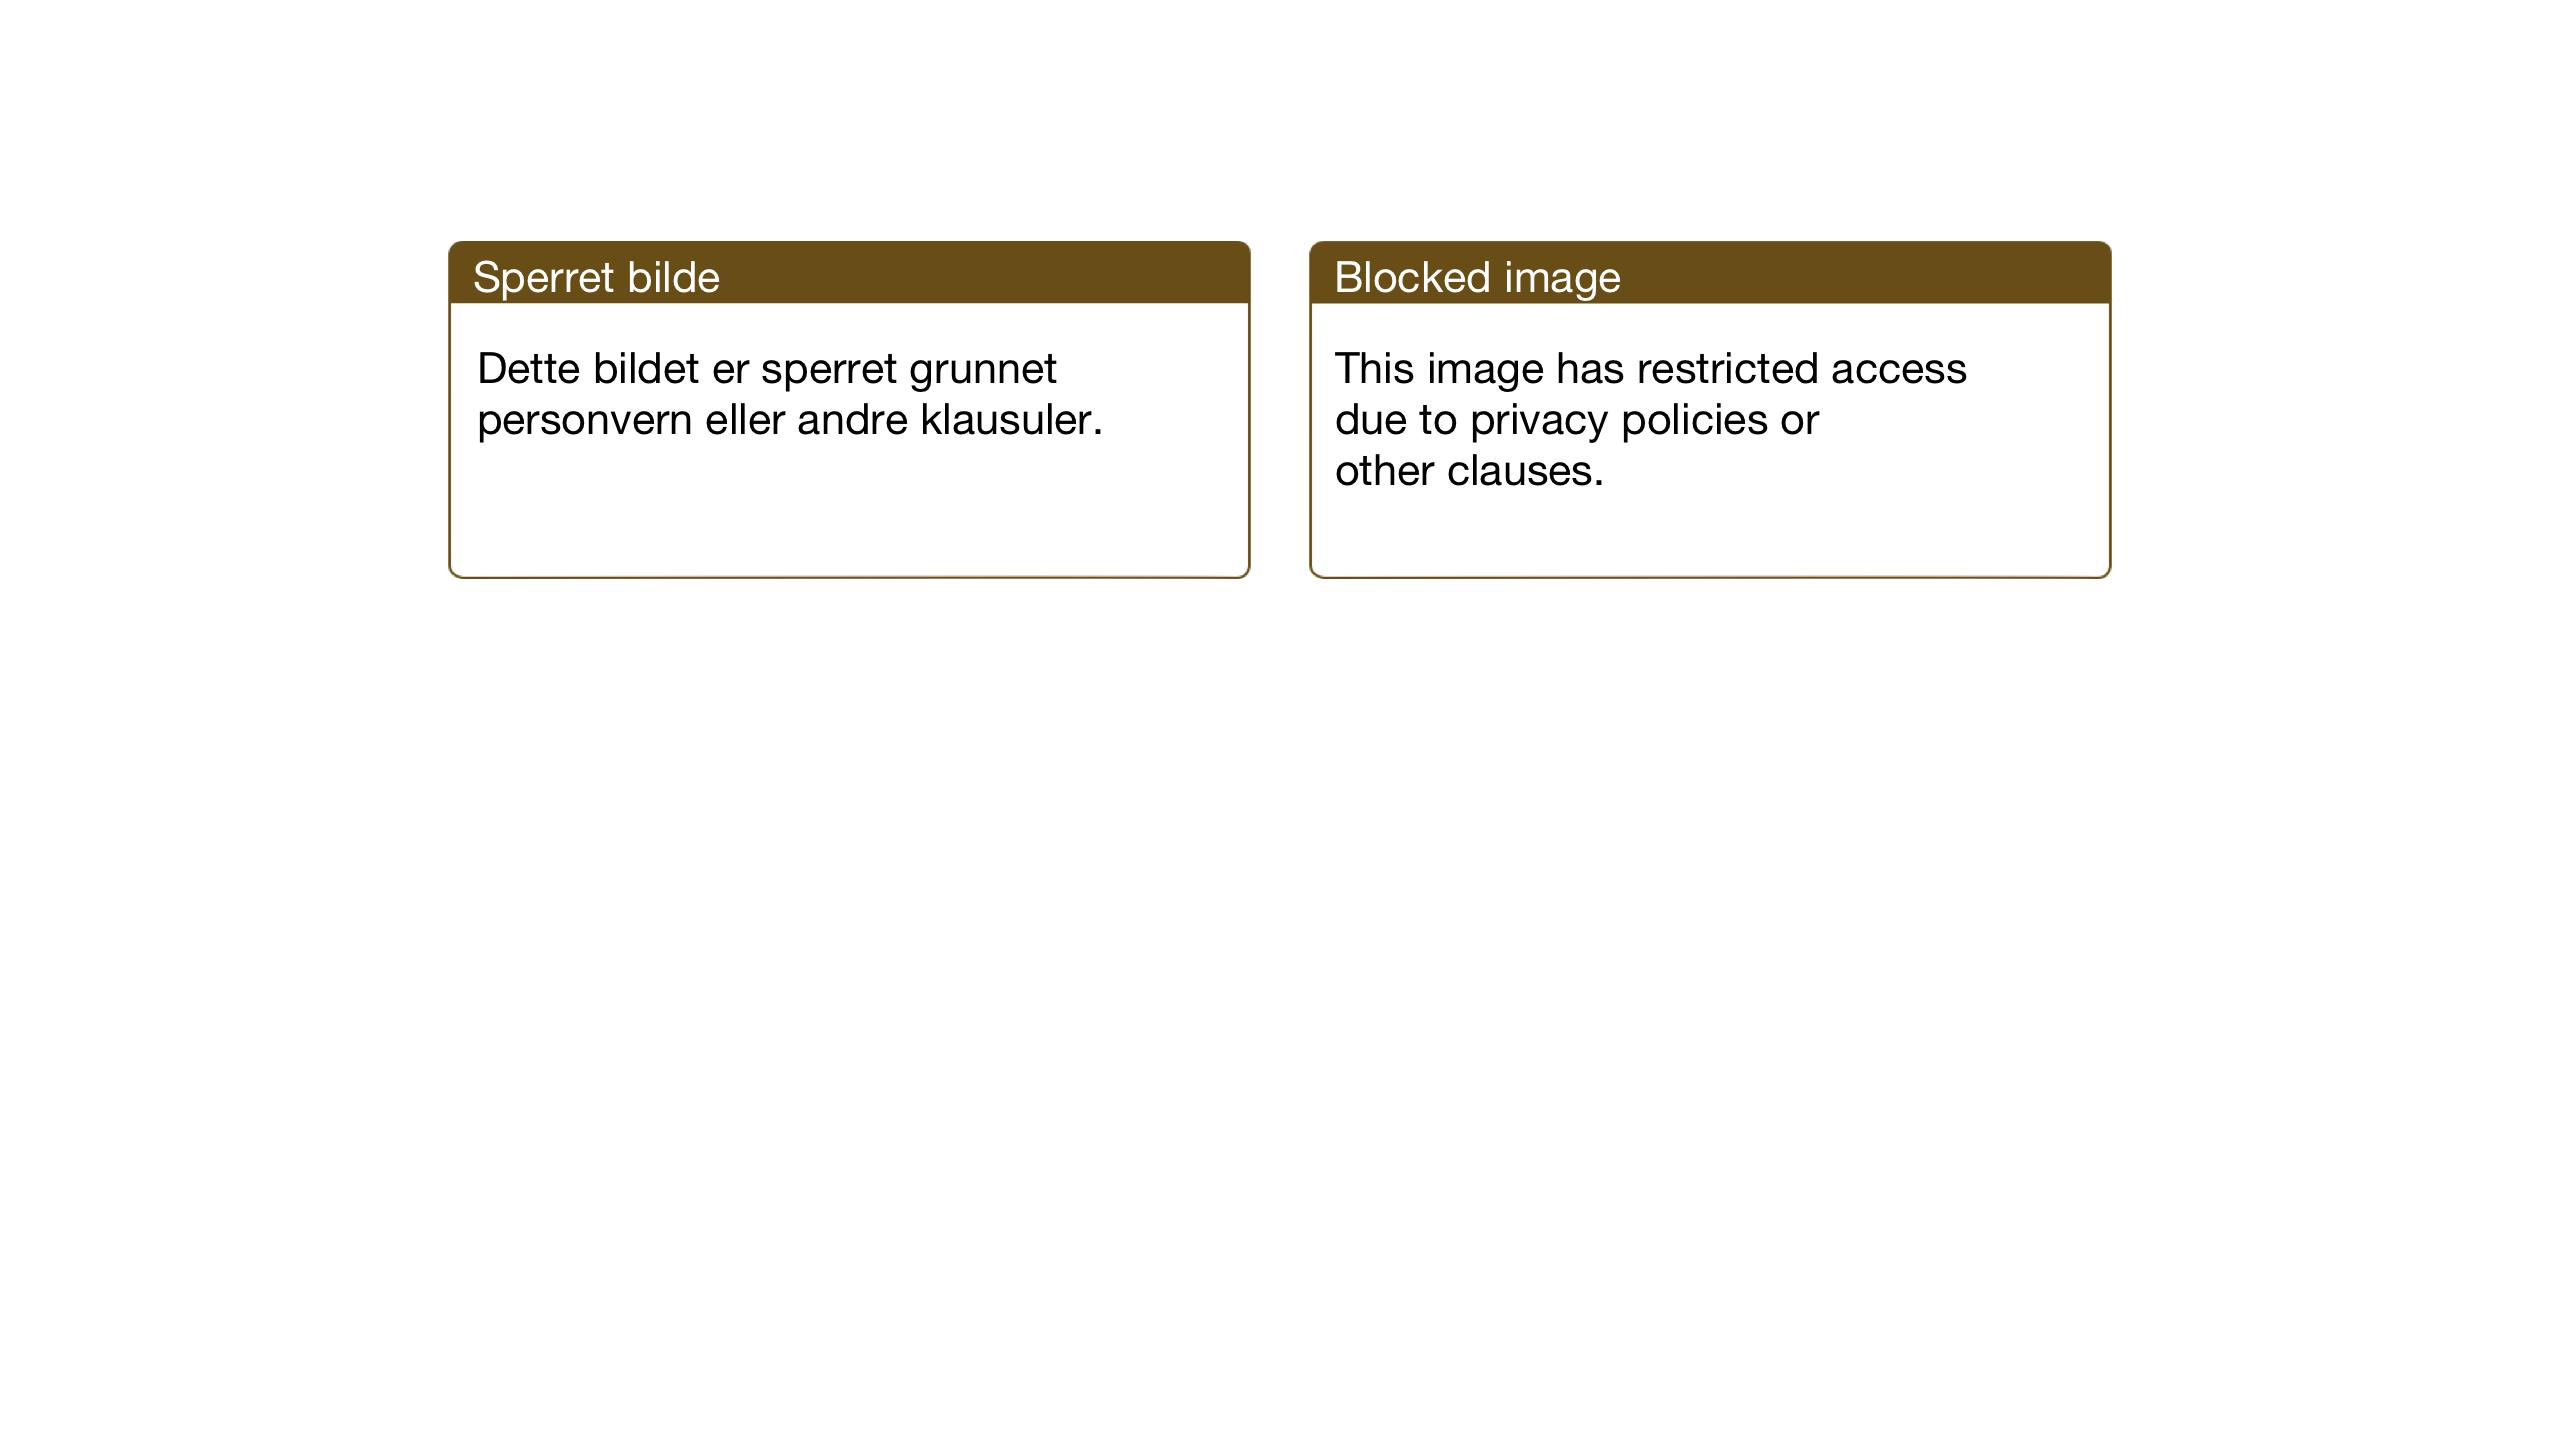 SAT, Ministerialprotokoller, klokkerbøker og fødselsregistre - Nord-Trøndelag, 719/L0180: Klokkerbok nr. 719C01, 1878-1940, s. 43